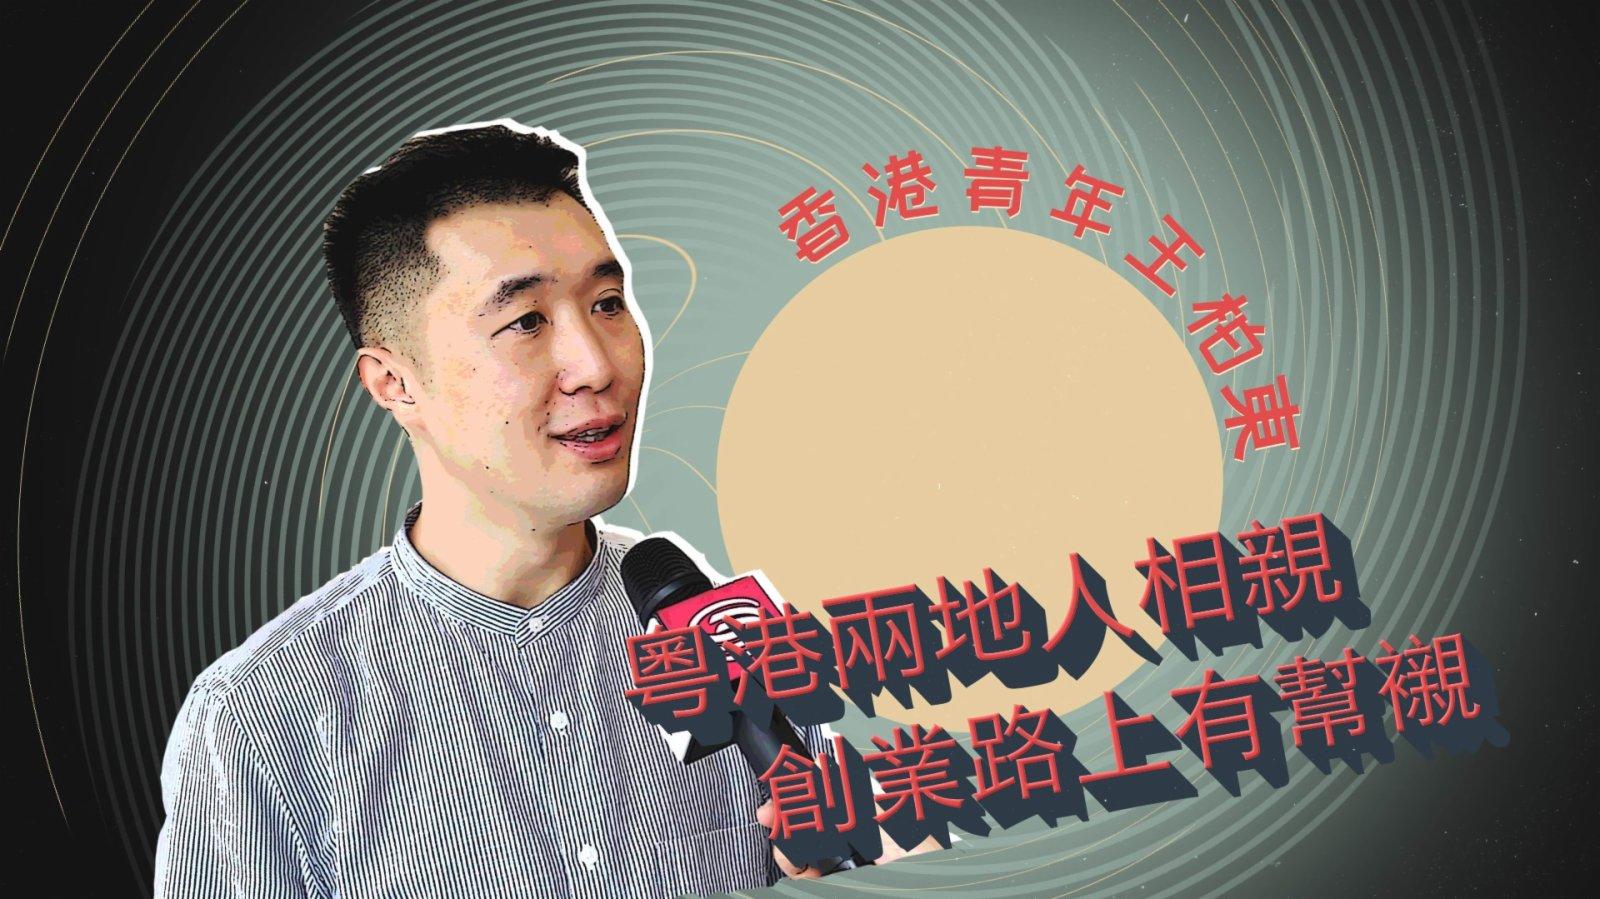 大灣區大未來|北上創業港青:灣區發展天時地利人和 香港年輕人要勇敢邁出第一步